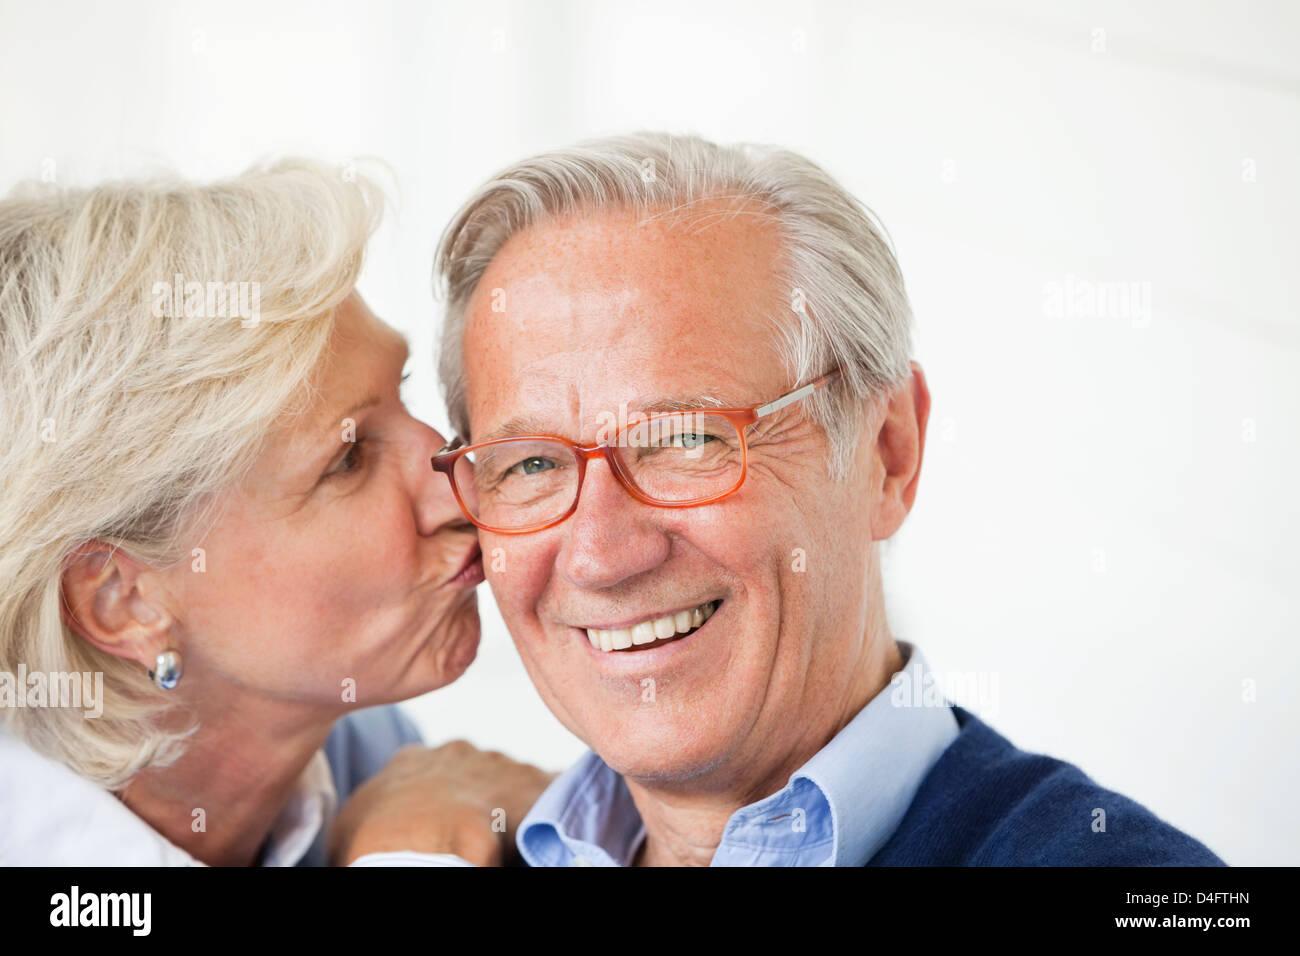 Mujer sonriente besando marido Imagen De Stock